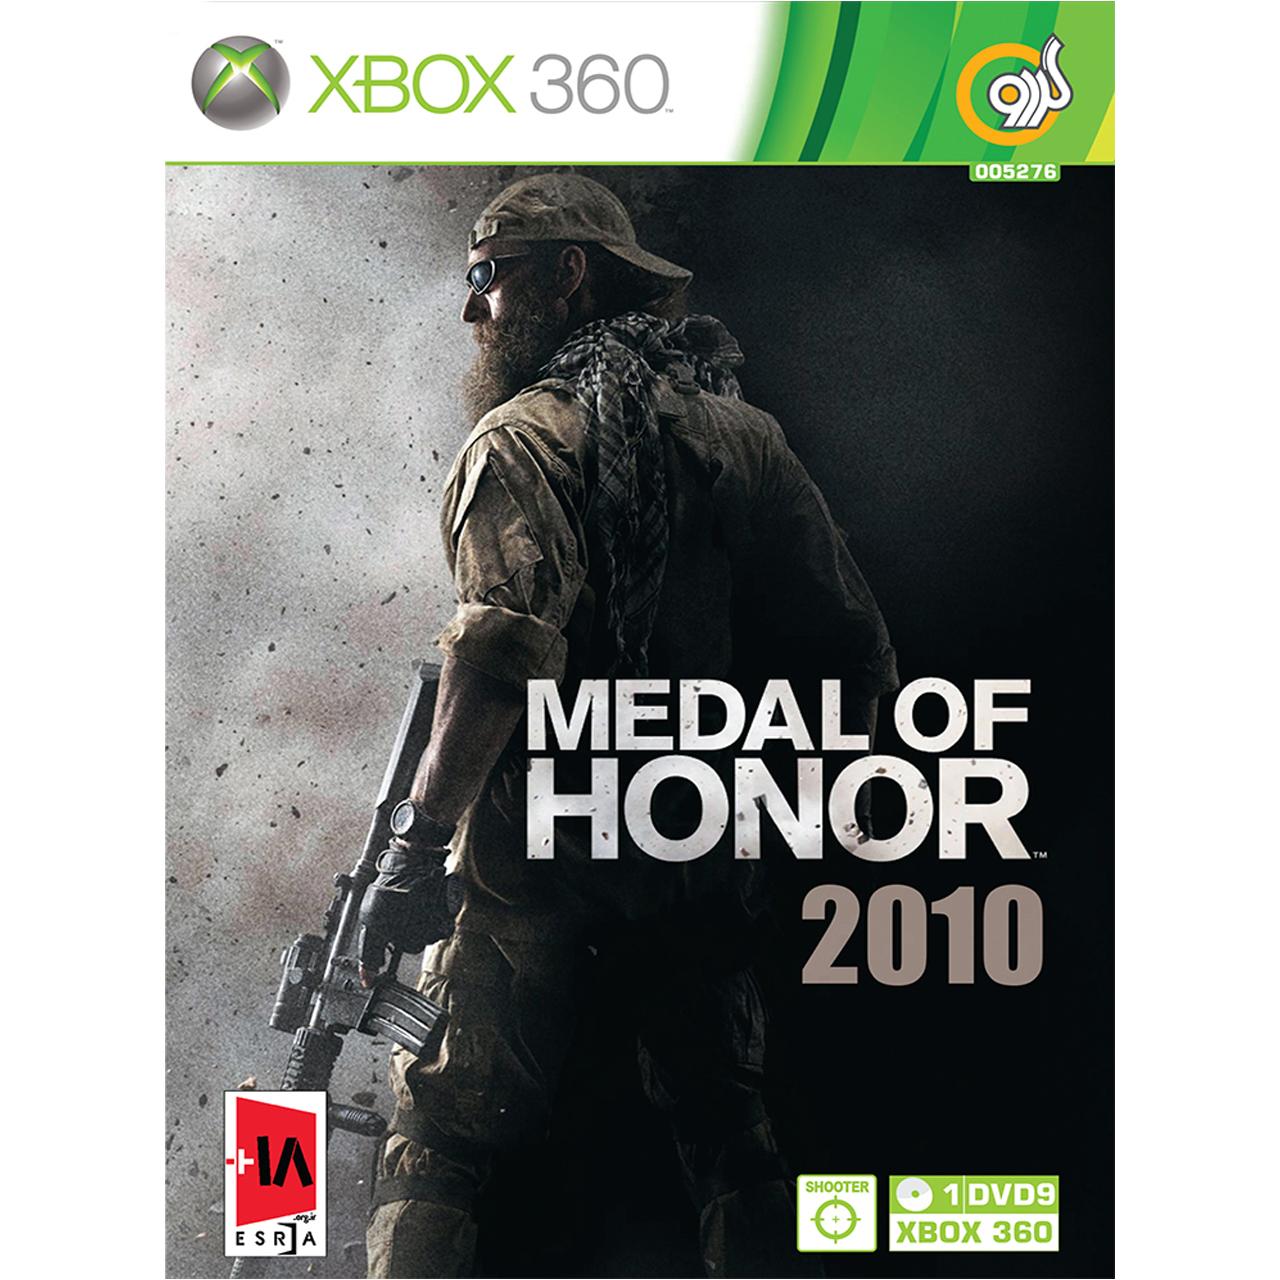 بررسی و {خرید با تخفیف}                                     بازی گردو Medal of Honor 2010 مخصوص XBOX 360                             اصل